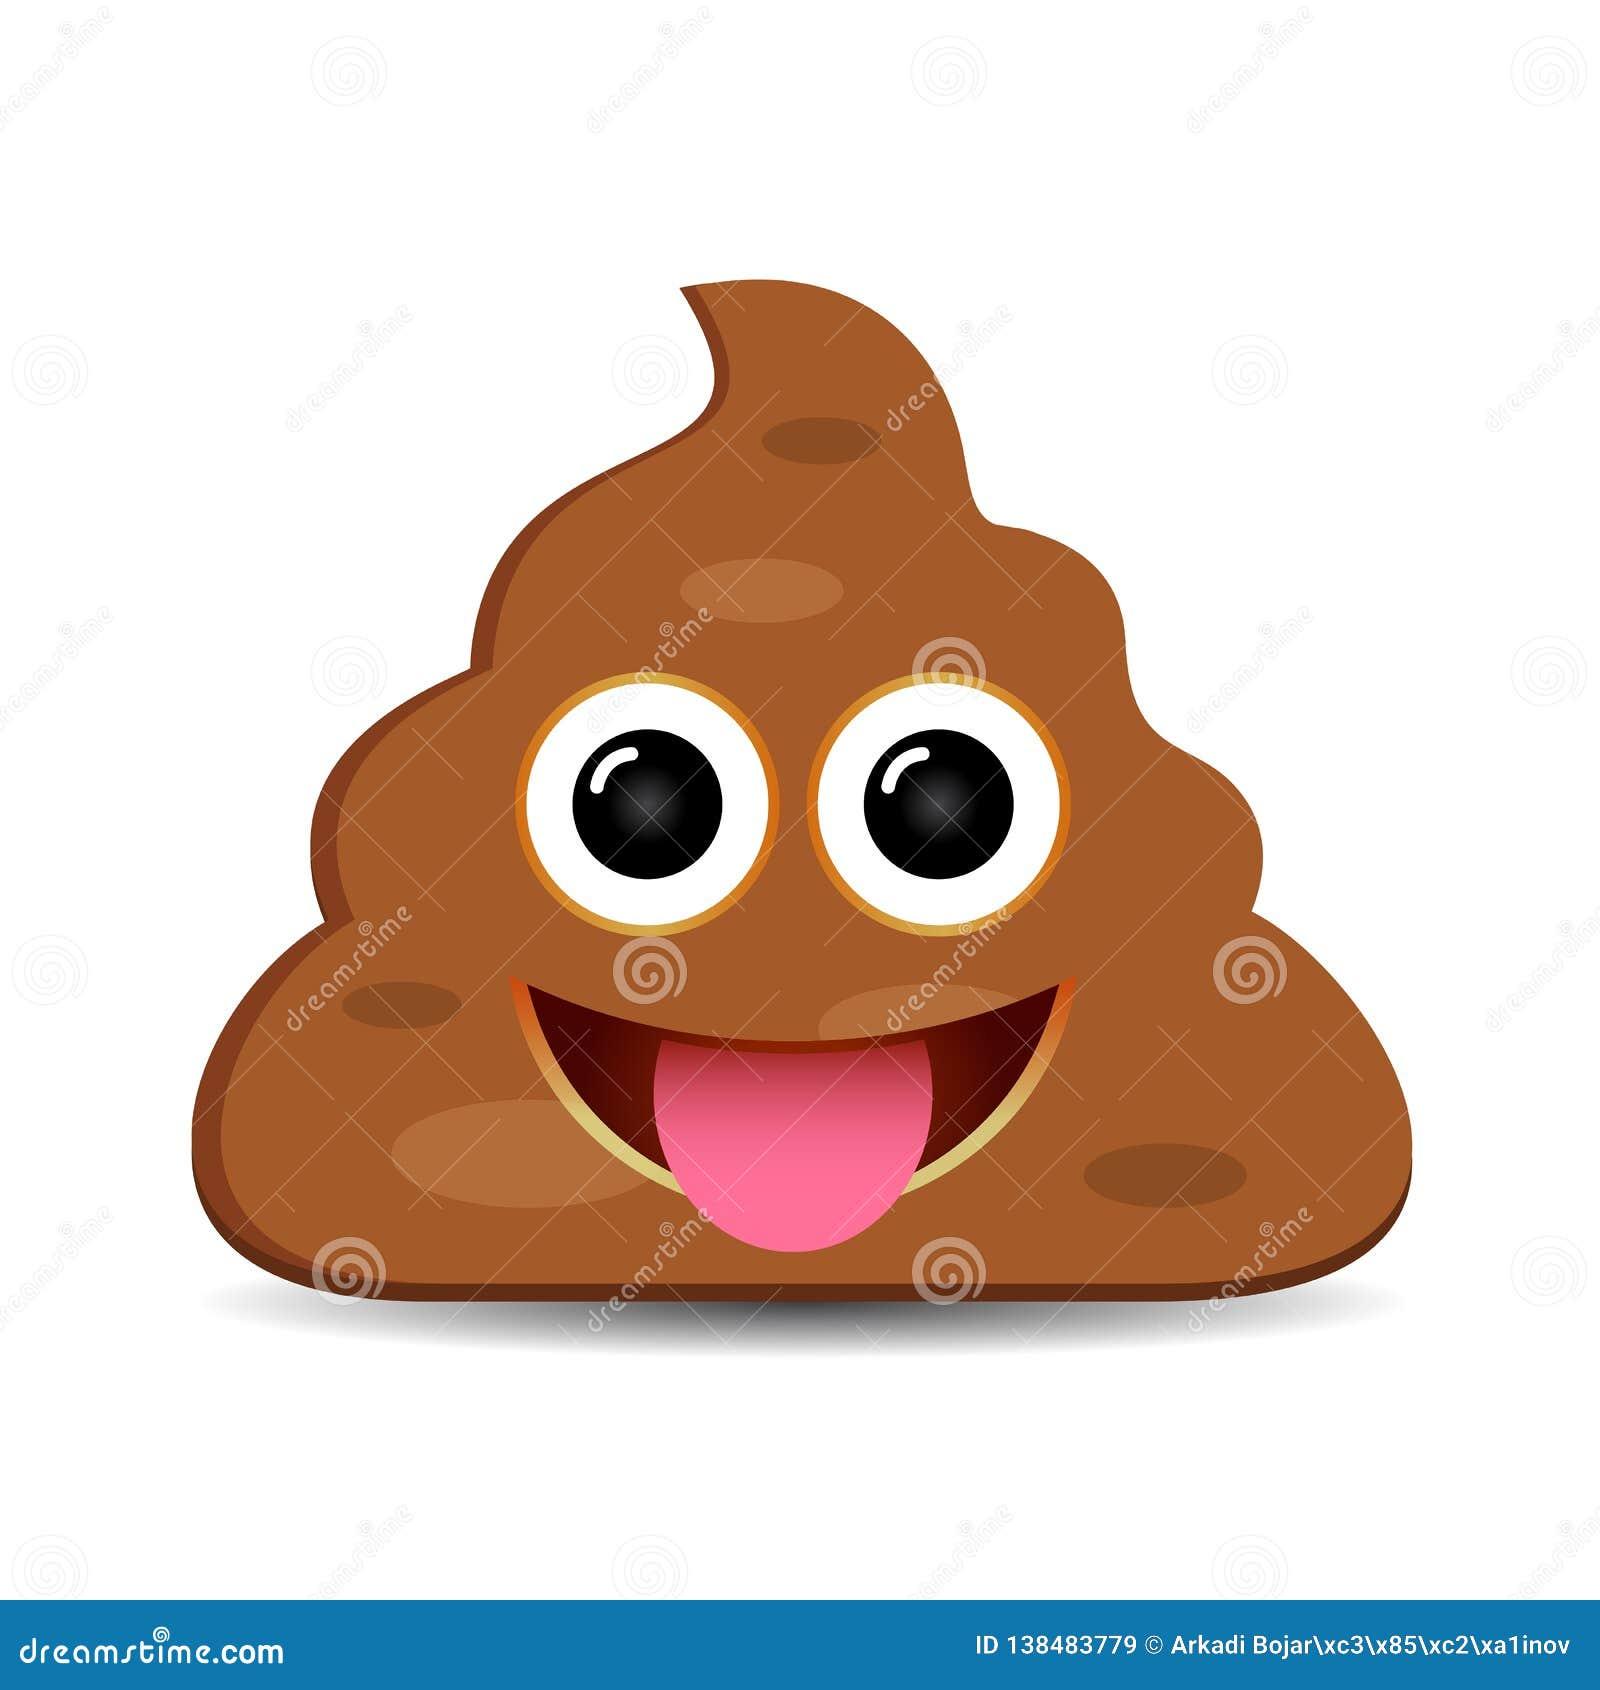 Happy foolish poo emoji